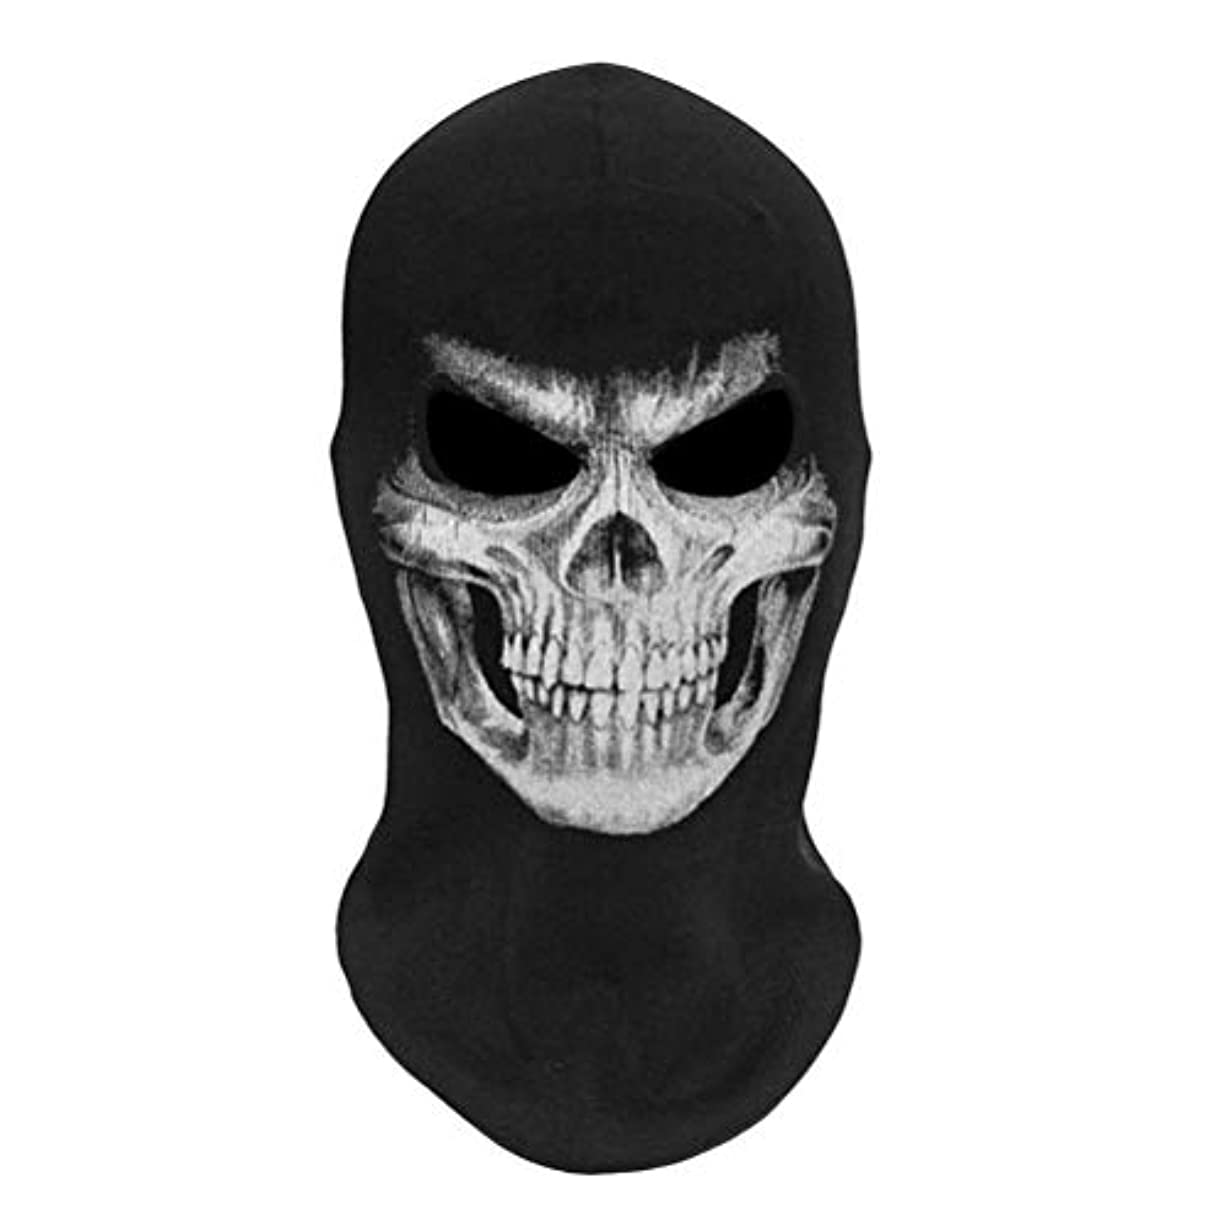 神秘カリングリーダーシップTAIPPAN ハロウィン3Dスケルトンマスク怖いスケルトンバラクラバゴーストコスプレ衣装ハロウィンパーティーフルフェイスマスク